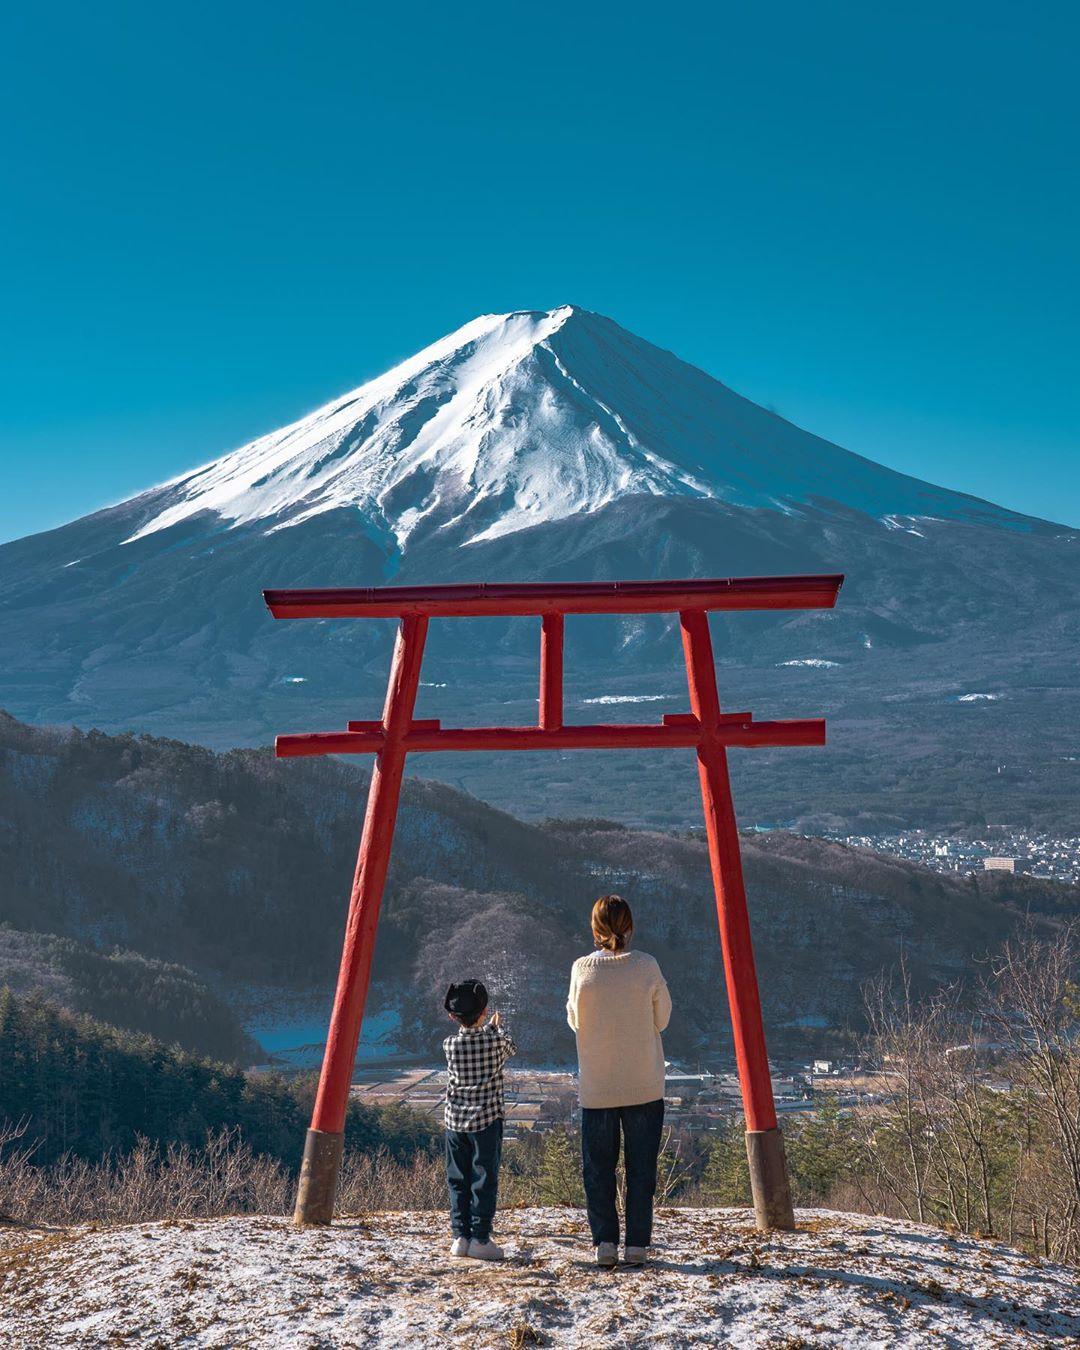 """Có một nước Nhật đẹp đến nao lòng qua ống kính của ông bố trẻ """"mê"""" chụp ảnh vợ và con trai, ai xem xong cũng """"tan chảy"""" - Ảnh 13."""